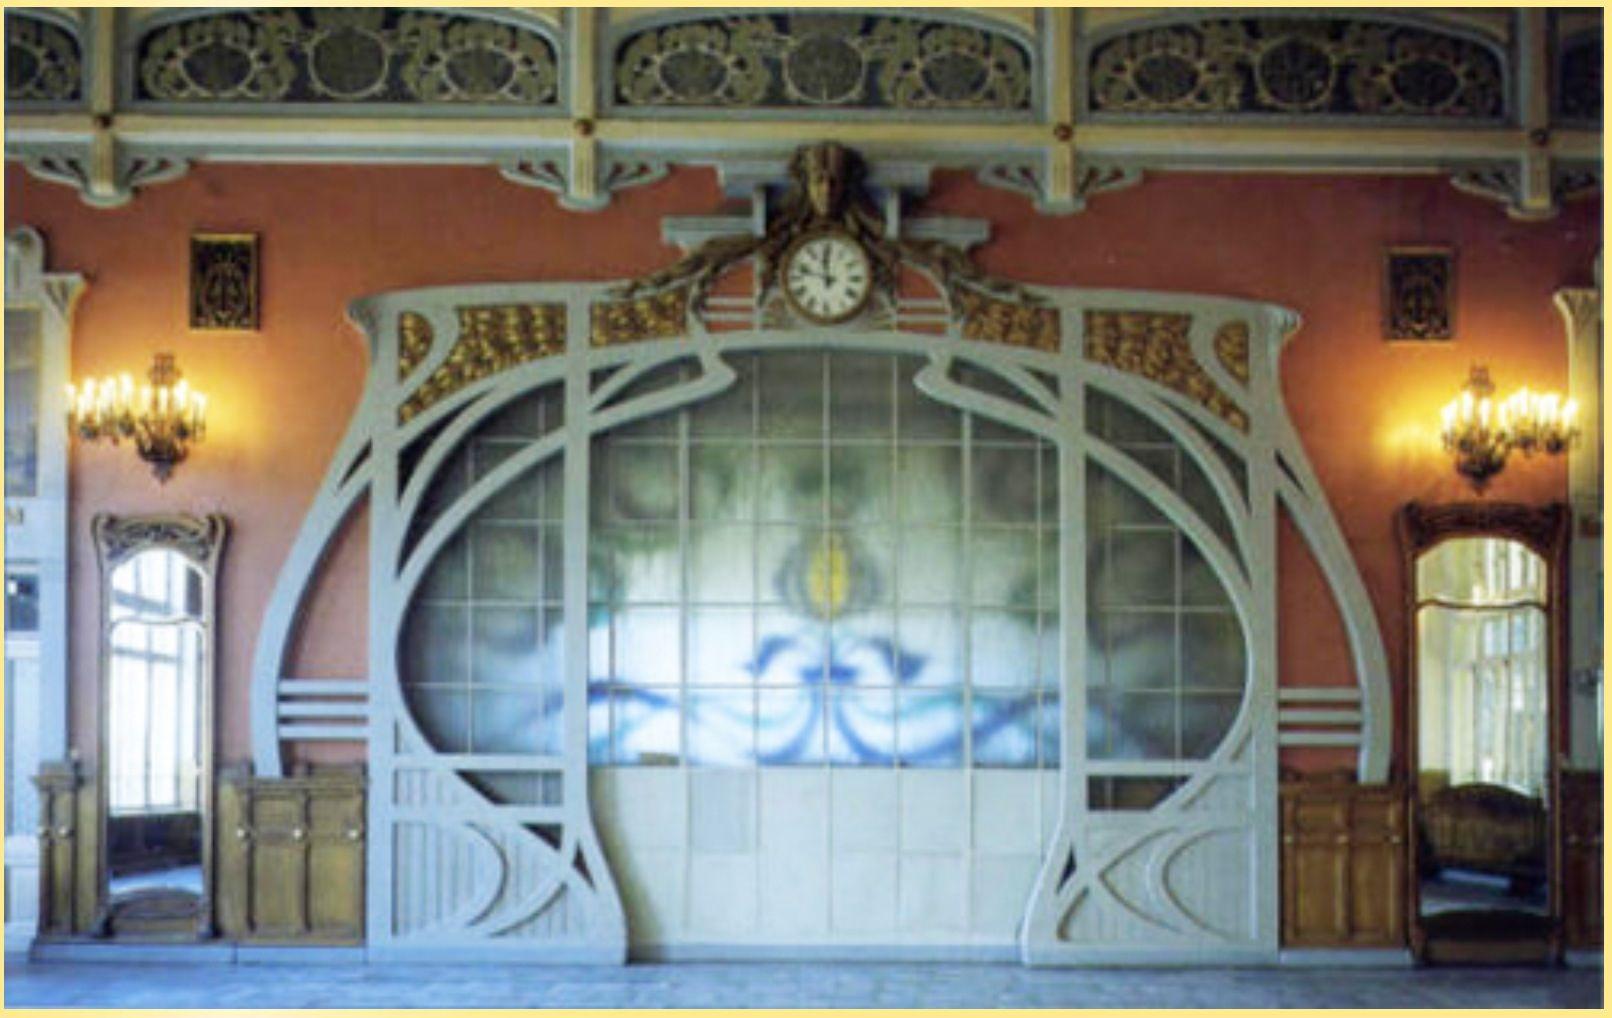 Wall Art nouveau | Art nouveau interiors | Pinterest